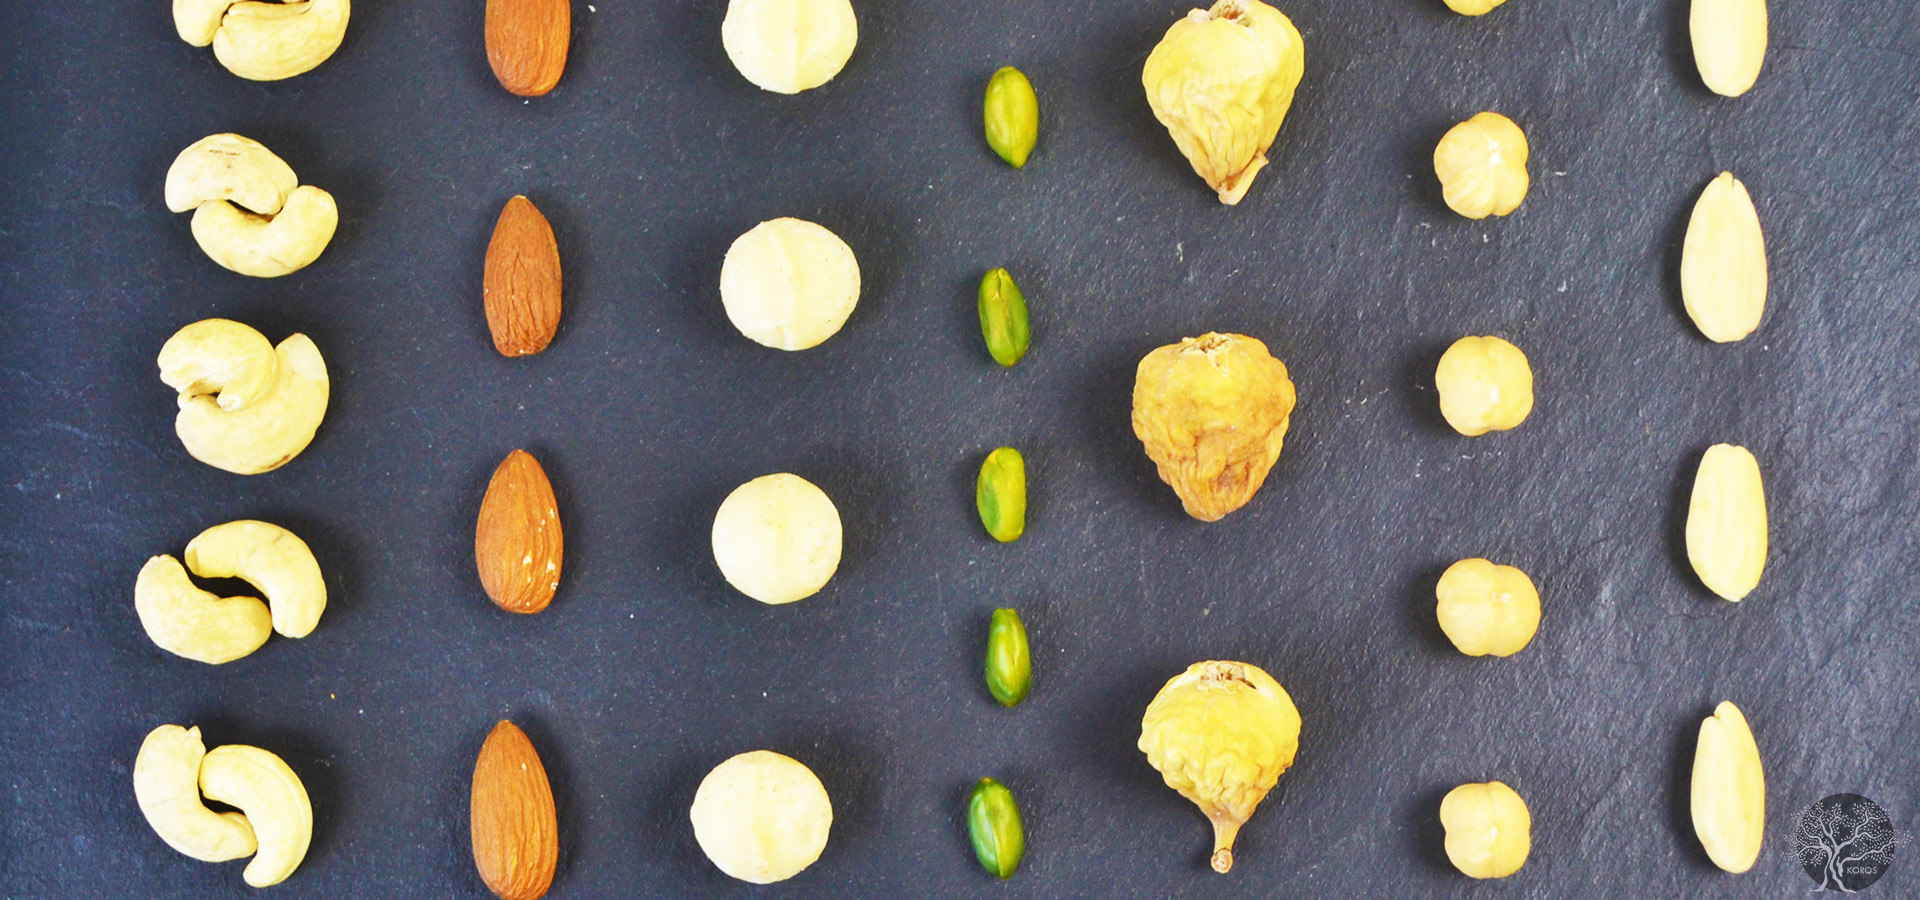 Fruits sec